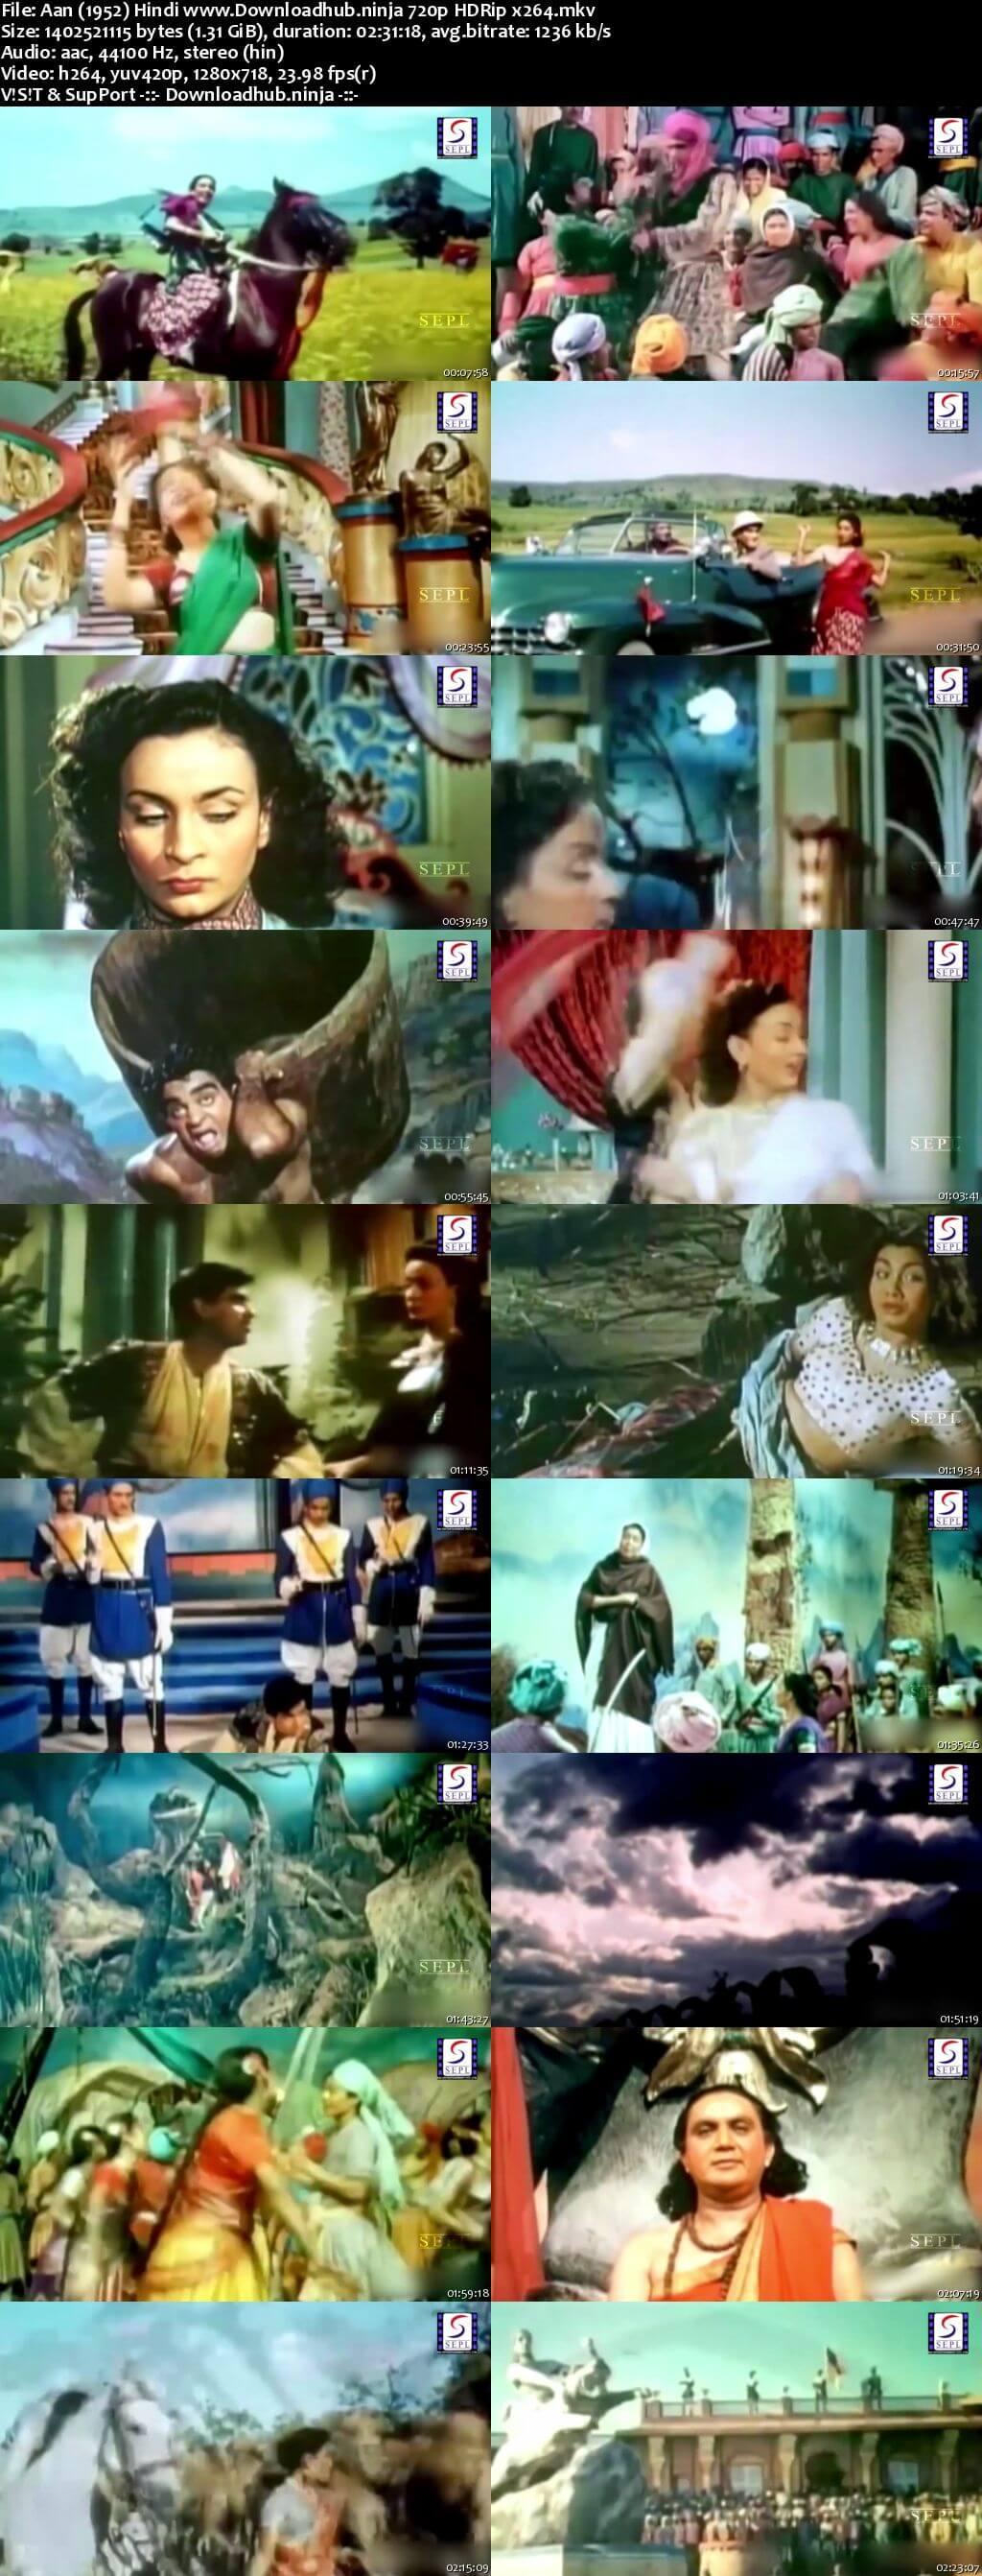 Aan 1952 Hindi 720p HDRip x264